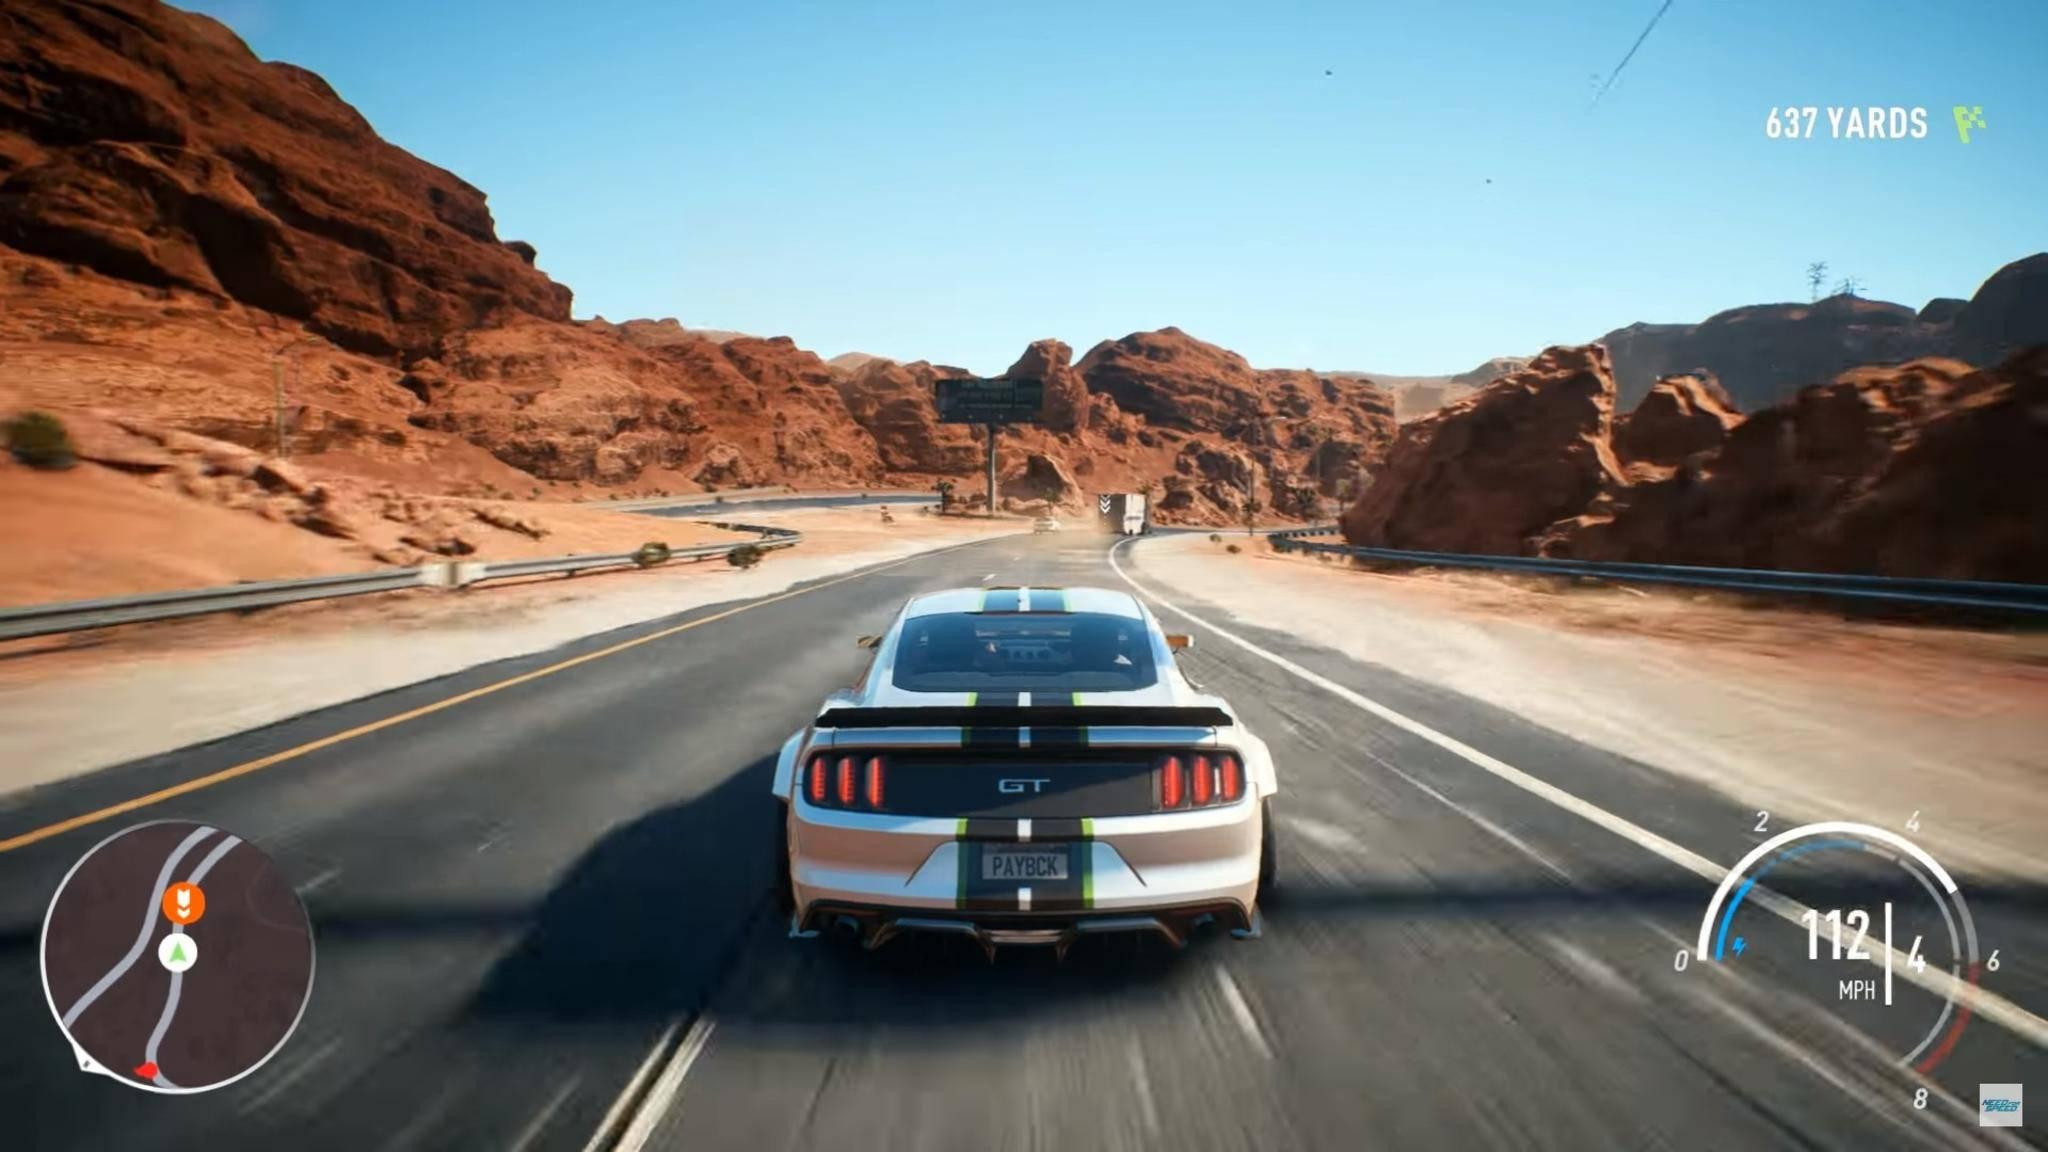 """Schluss mit einsamer Landstraße! Bald geht's in """"Need for Speed: Payback"""" im Online-Koop-Modus auf die Strecke."""